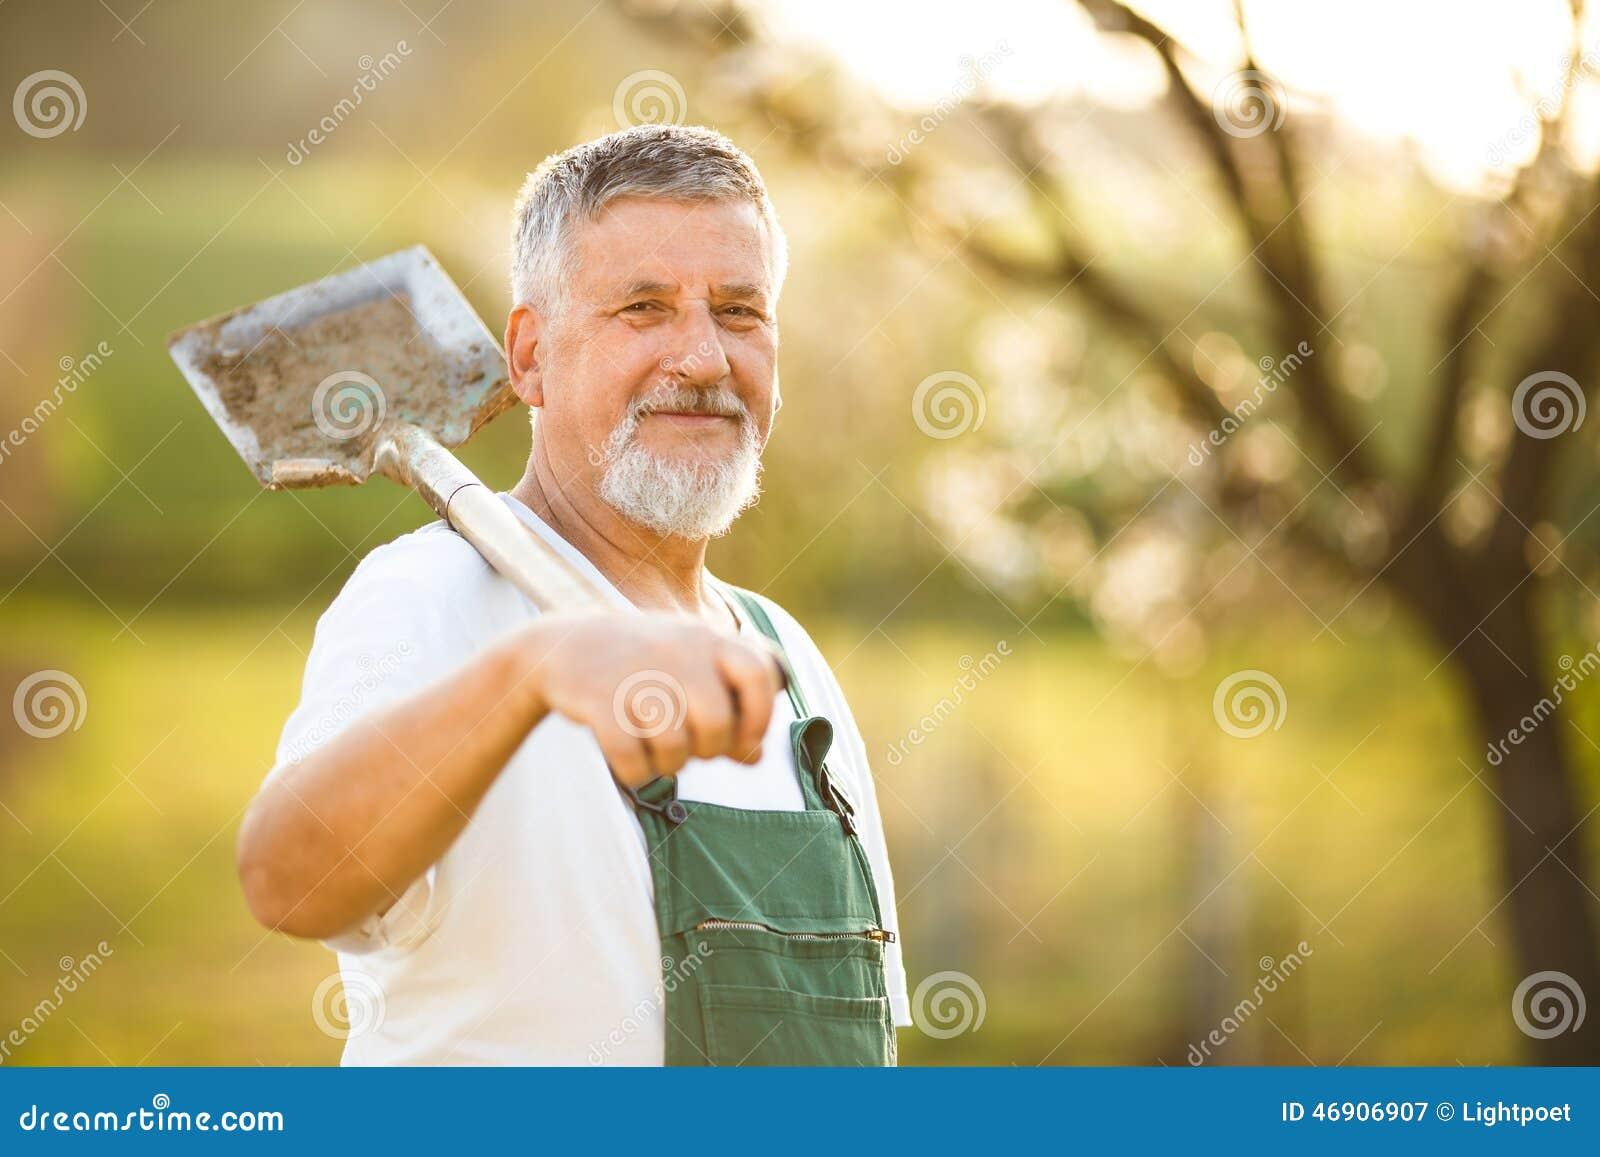 Portrait d un homme supérieur bel faisant du jardinage dans son jardin